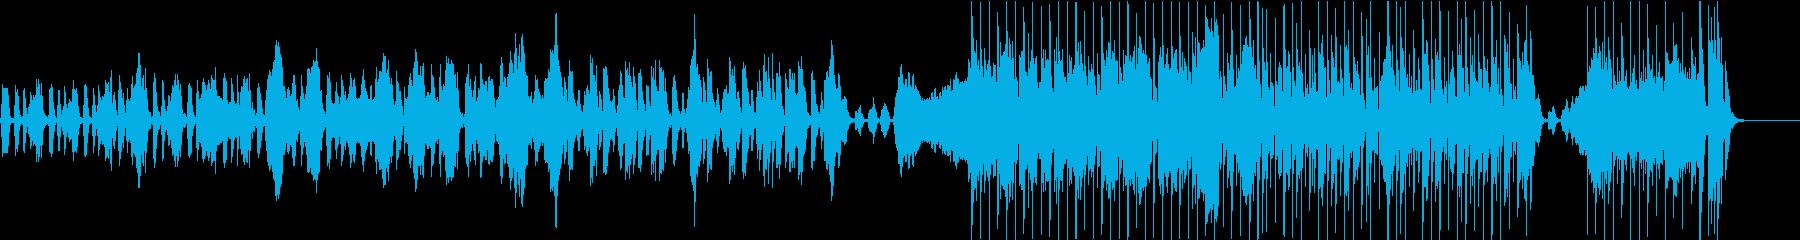 ポップ、爽やか、日常BGMの再生済みの波形